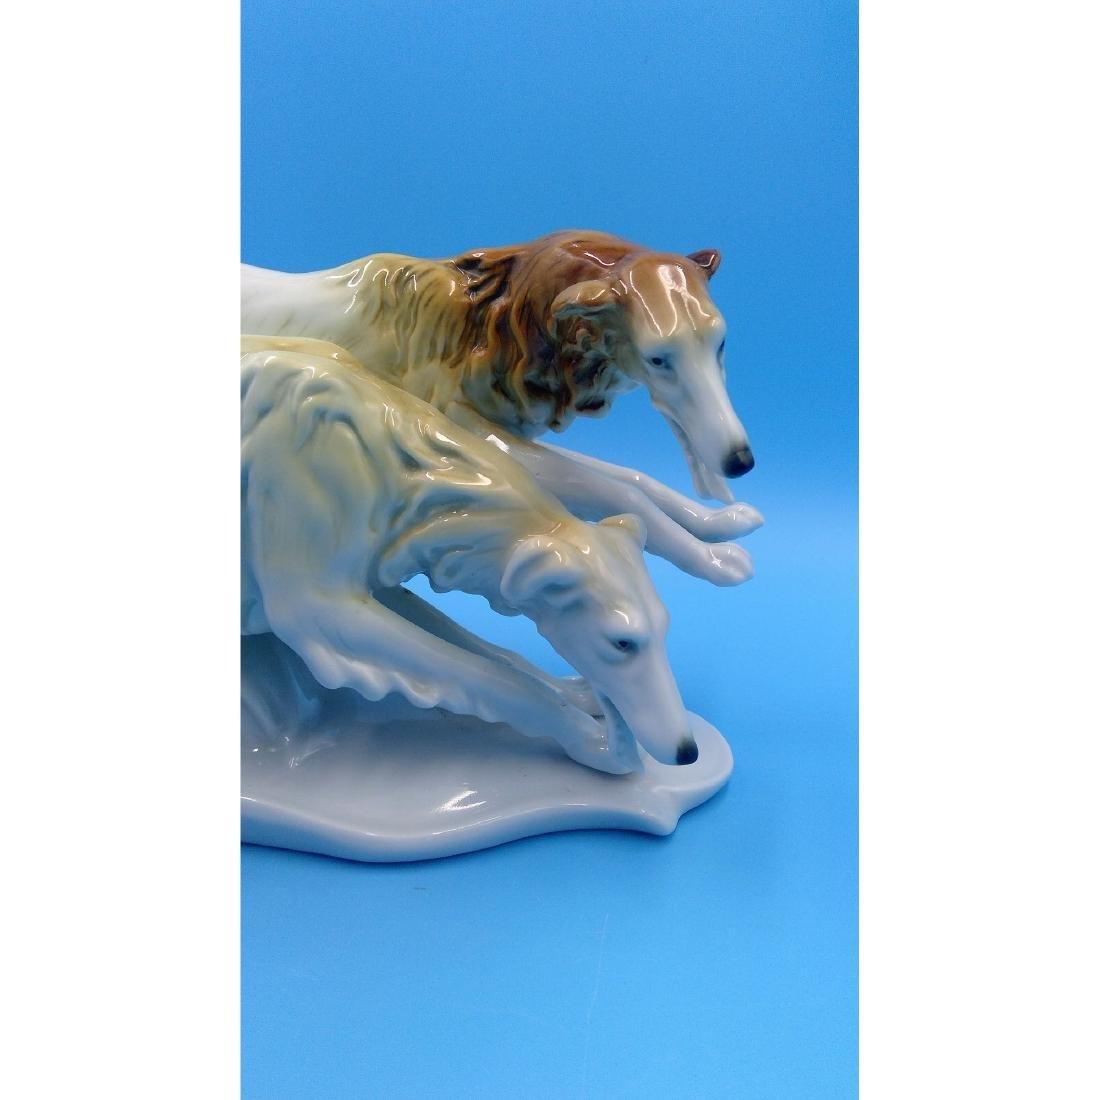 KARL ENS LARGE GERMAN PORCELAIN FIGURINE DOGS - 4